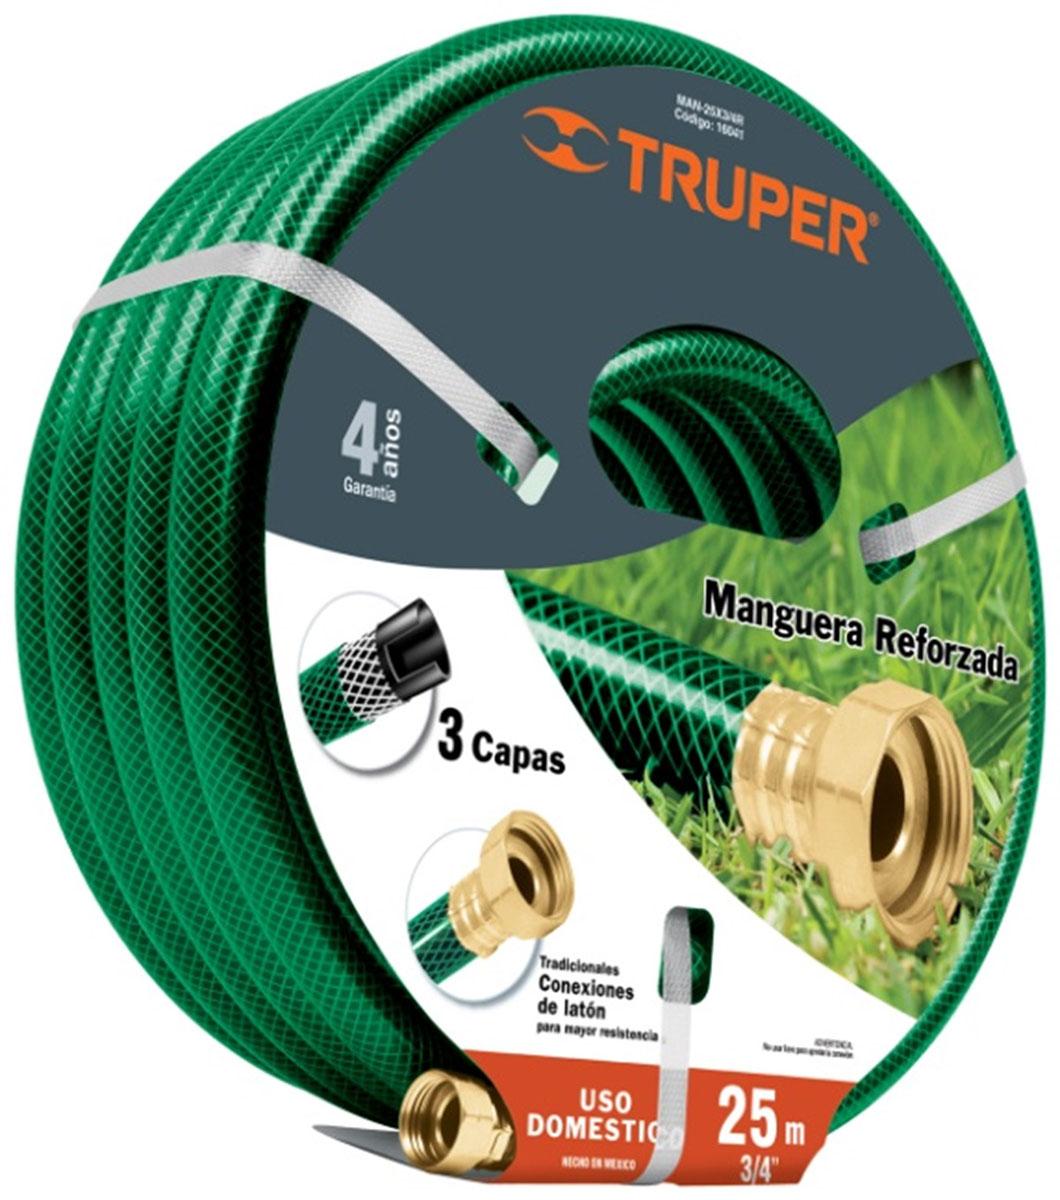 Шланг садовый Truper, трехслойный, 3/4, 25 м96515412Трехслойный садовый шланг Truper применяется для поливочных работ на приусадебном участке. Изделие, изготовленное из высококачественного полипропилена, устойчиво к воздействиям окружающей среды и образованию водорослей на внутреннем слое. Отсутствие в составе токсичных веществ обеспечивает безопасность для окружающей среды и человека. Имеет длительный срок эксплуатации, не обесцвечивается и не теряет форму со временем. В комплекте латунный коннектор.